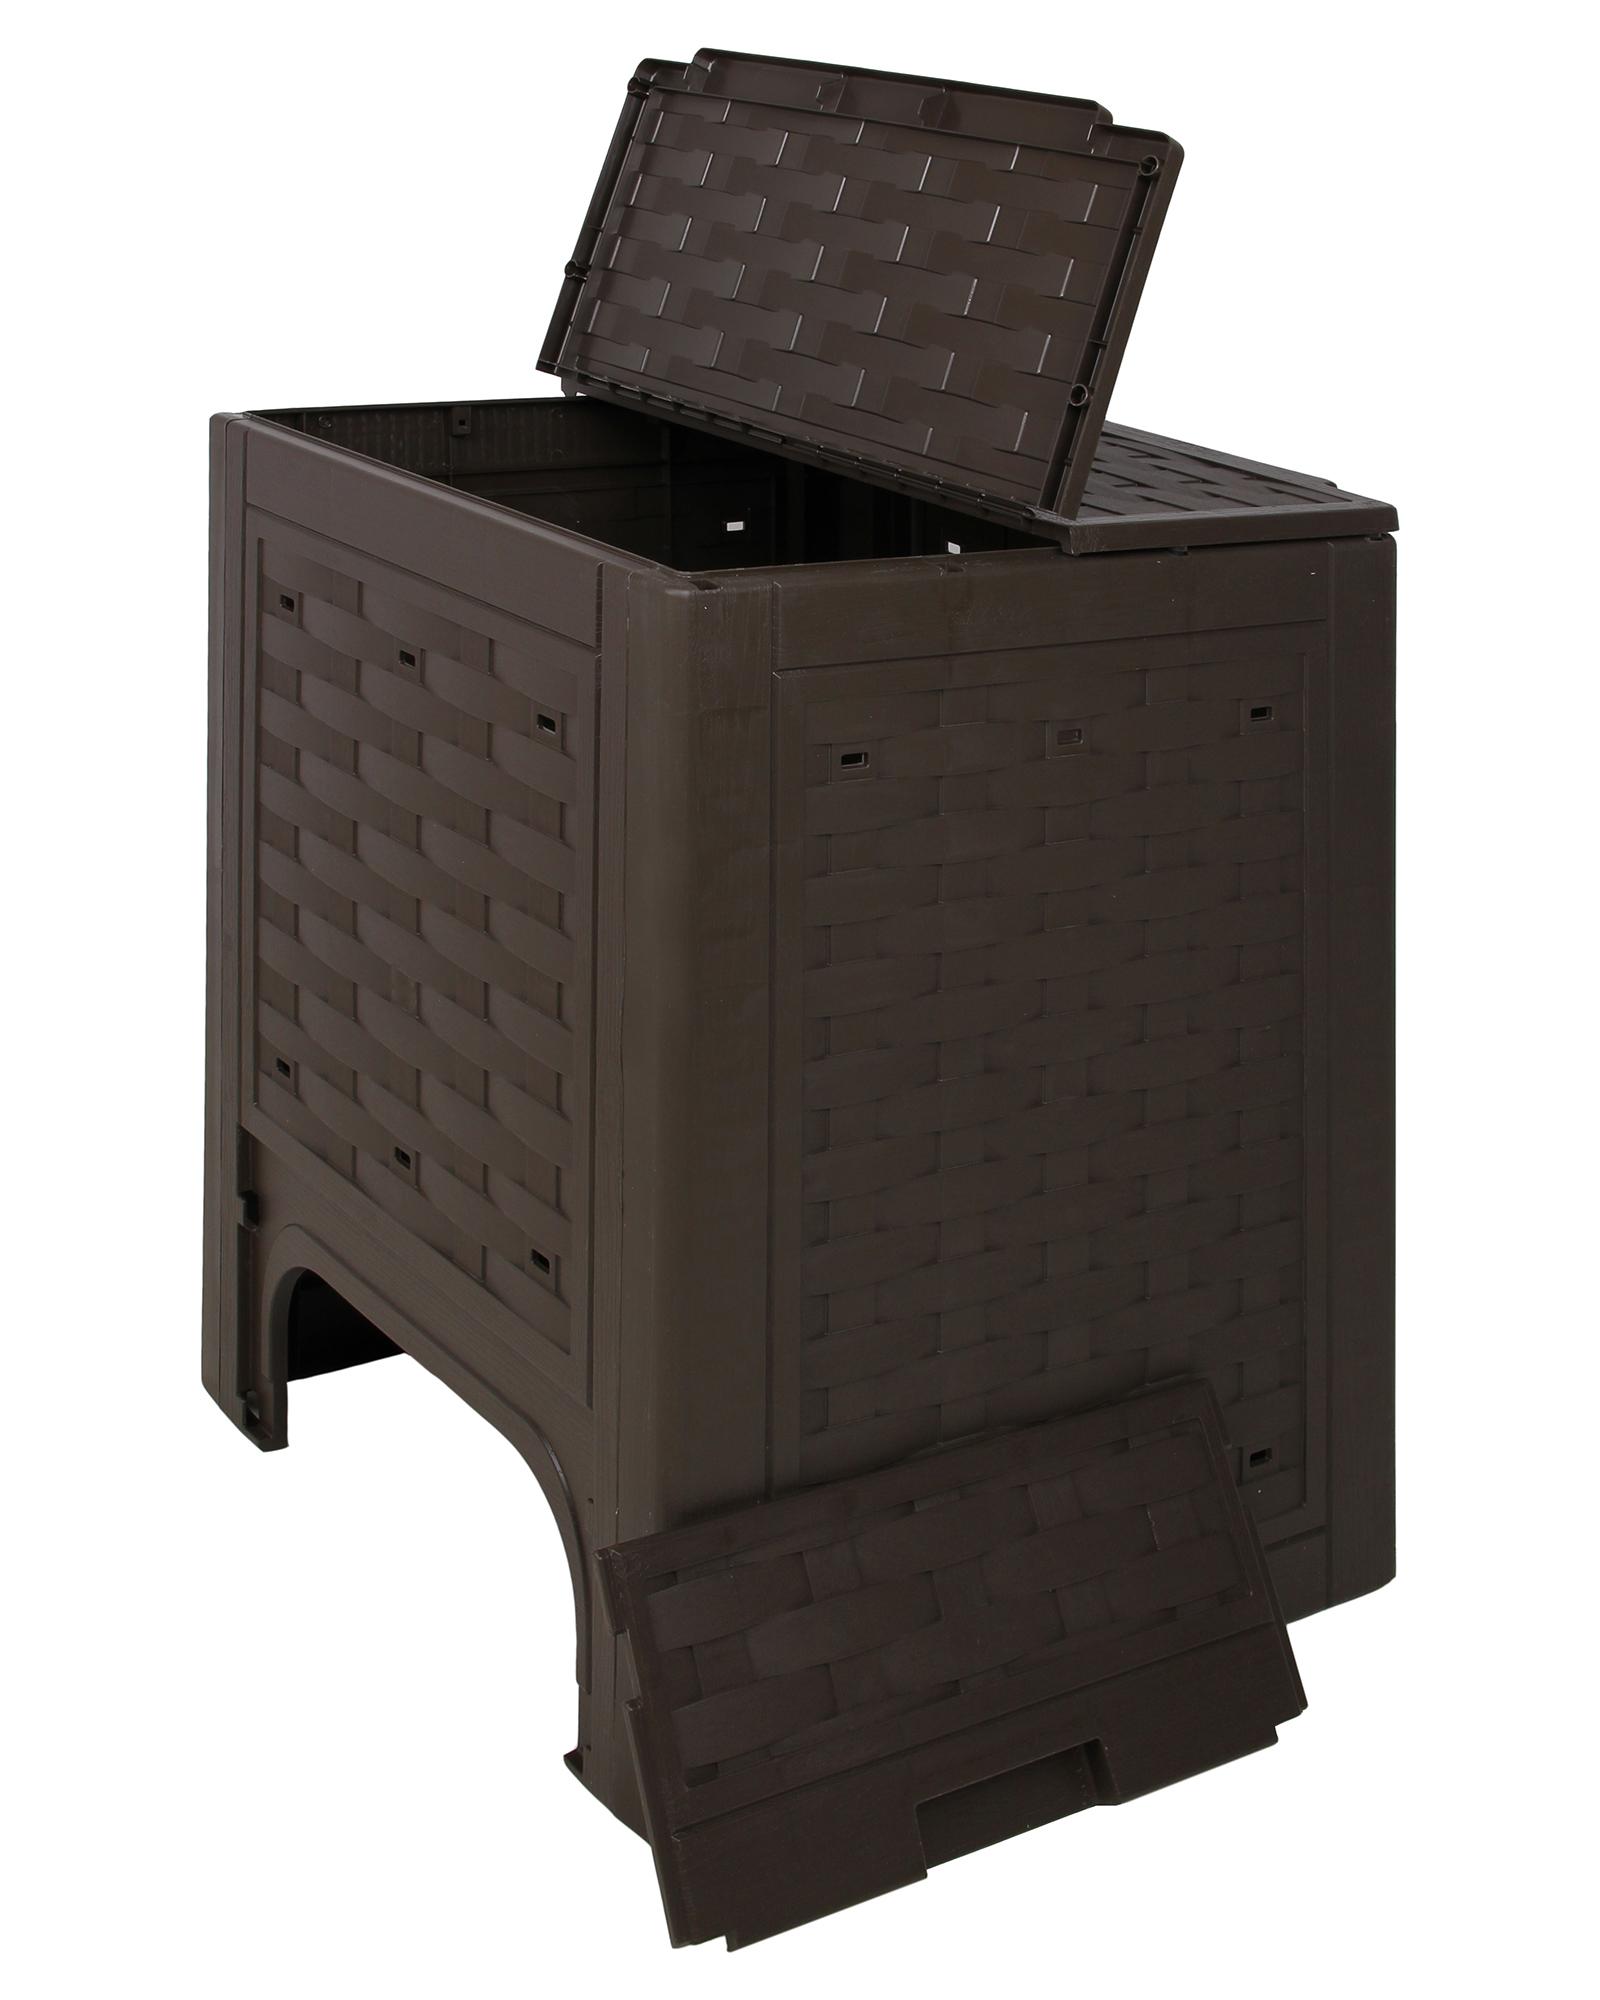 ondis24 komposter kompost rattan kunststoff braun g nstig. Black Bedroom Furniture Sets. Home Design Ideas